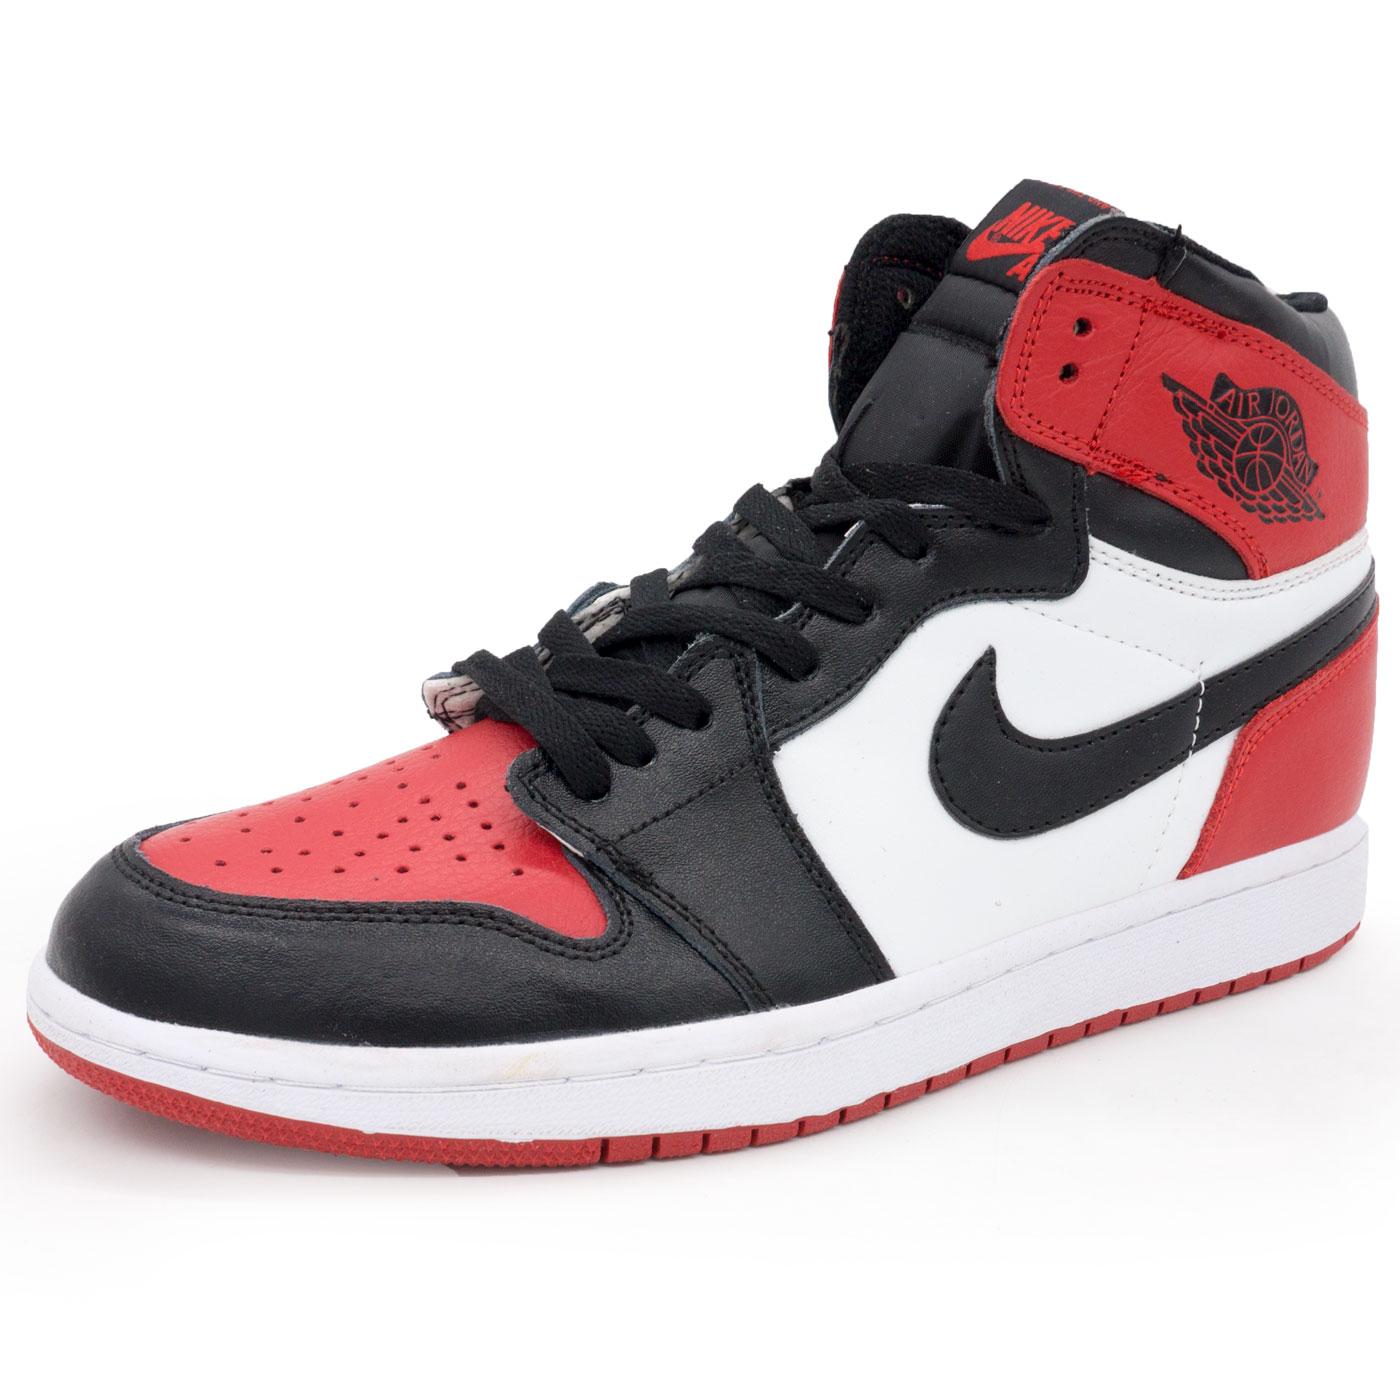 фото main Высокие белым и красным кроссовки Nike Air Jordan 1. Топ качество! main